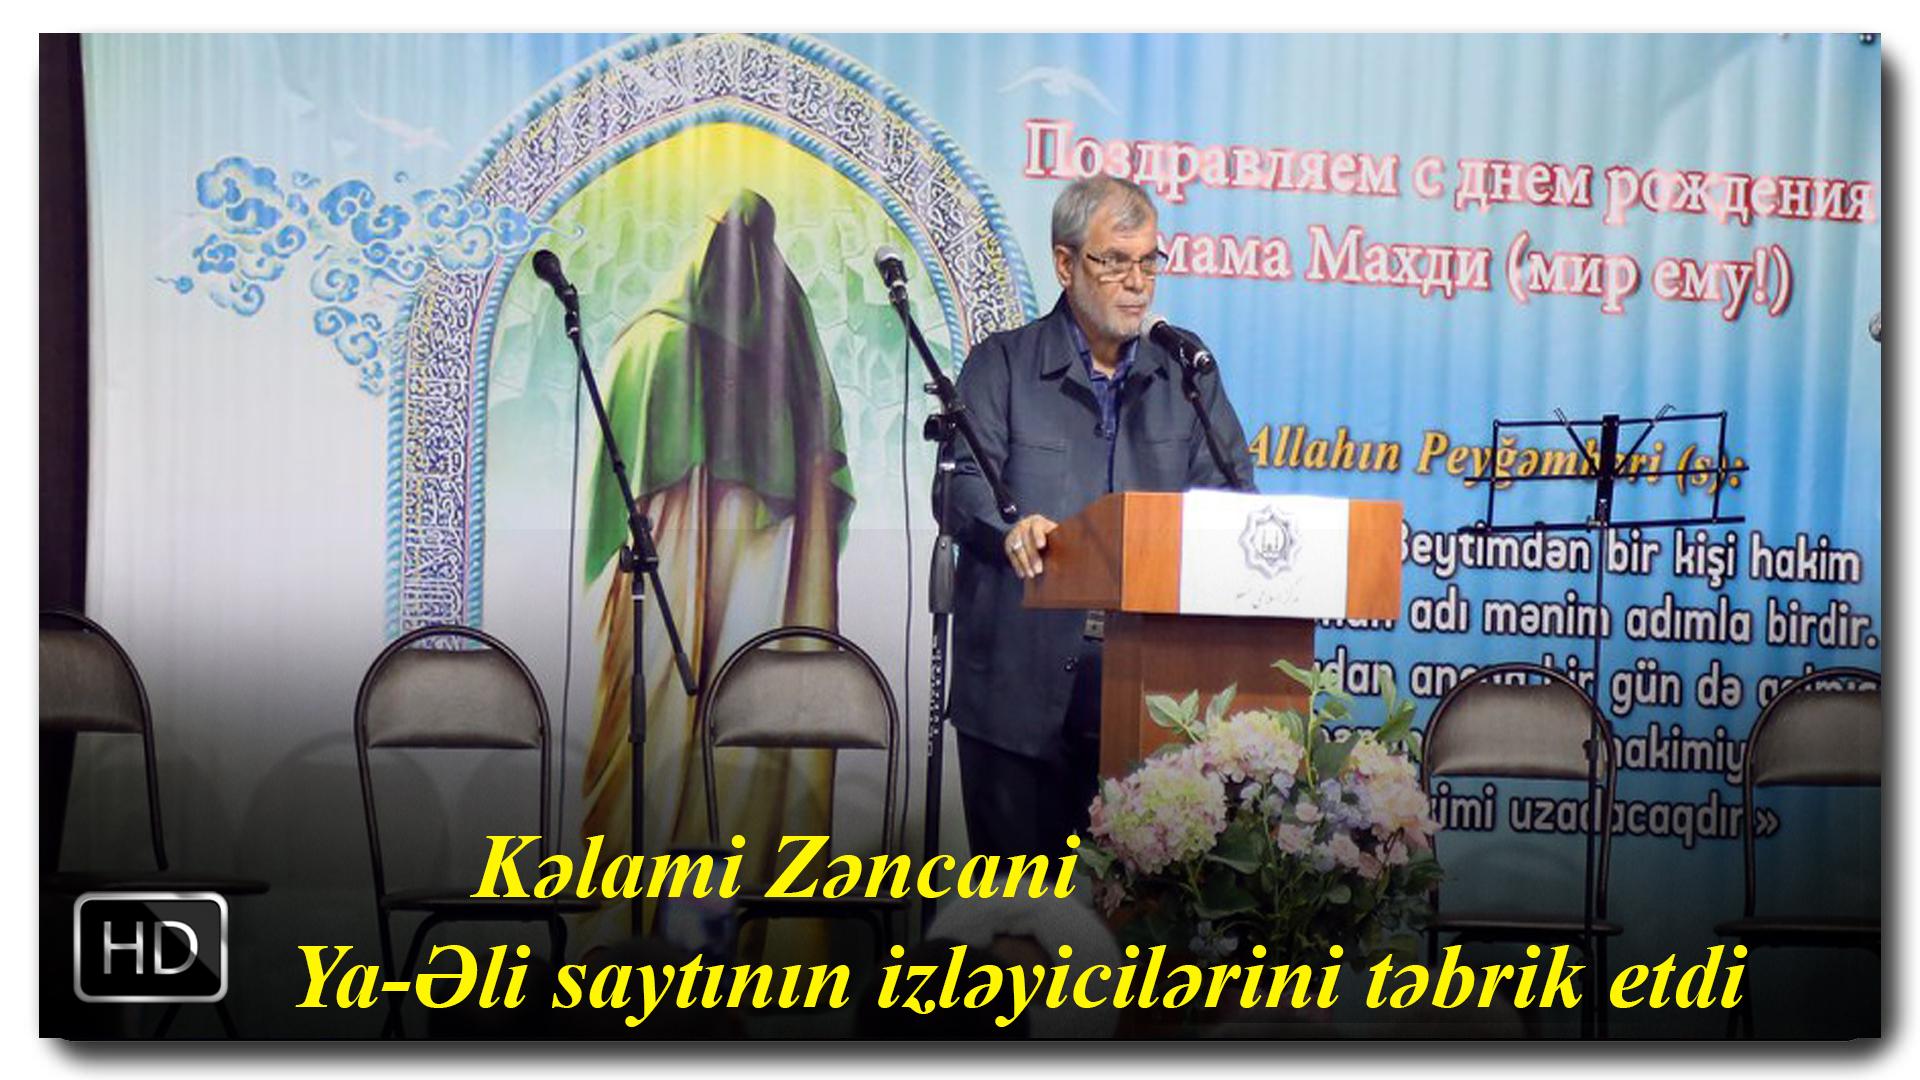 Kəlami Zəncani | Ya-Əli saytının izləyicilərini təbrik etdi